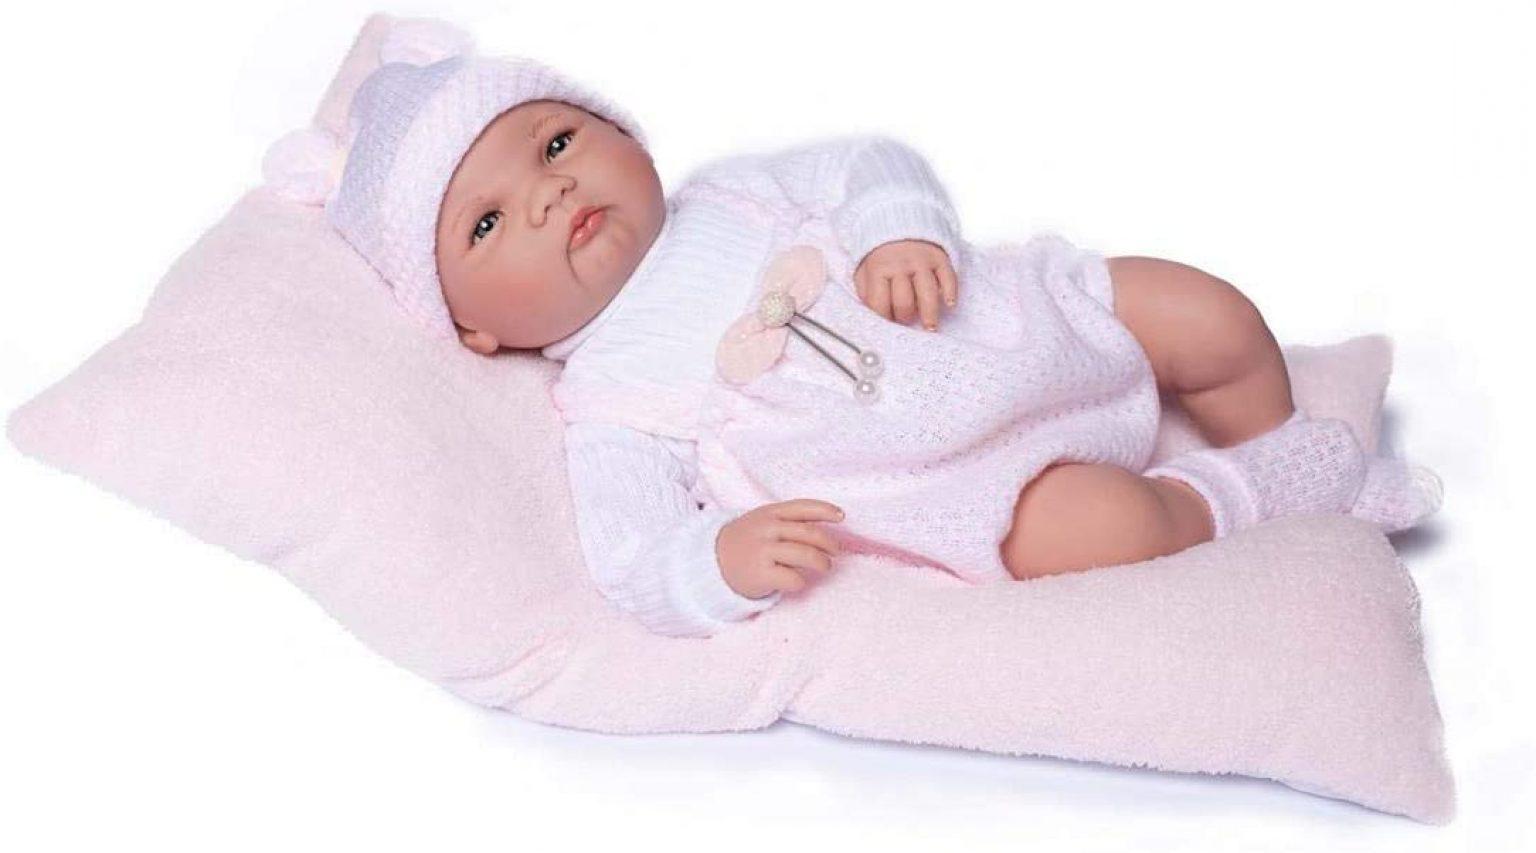 Die reborn Puppe Elsa hat offene und fixierte Augen.